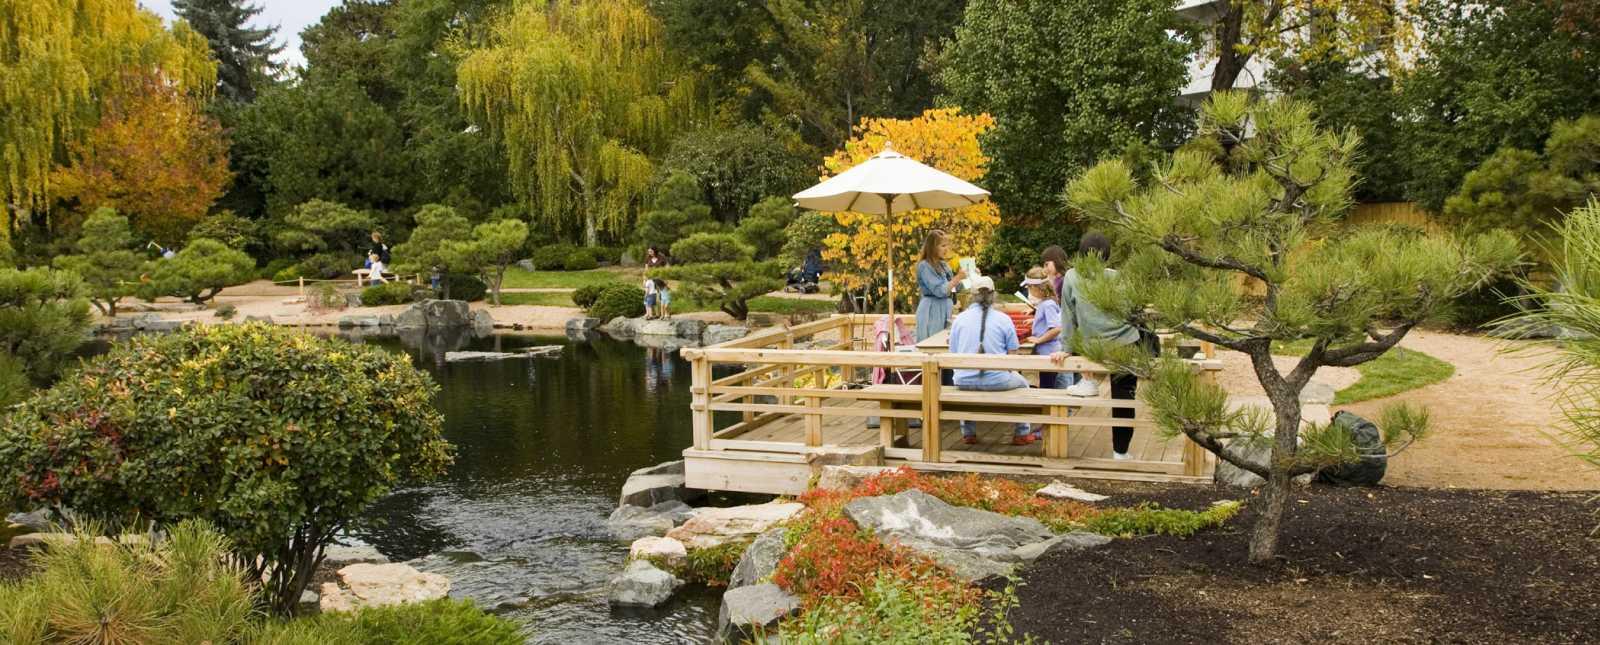 Denver Botanic Gardens in the Fall